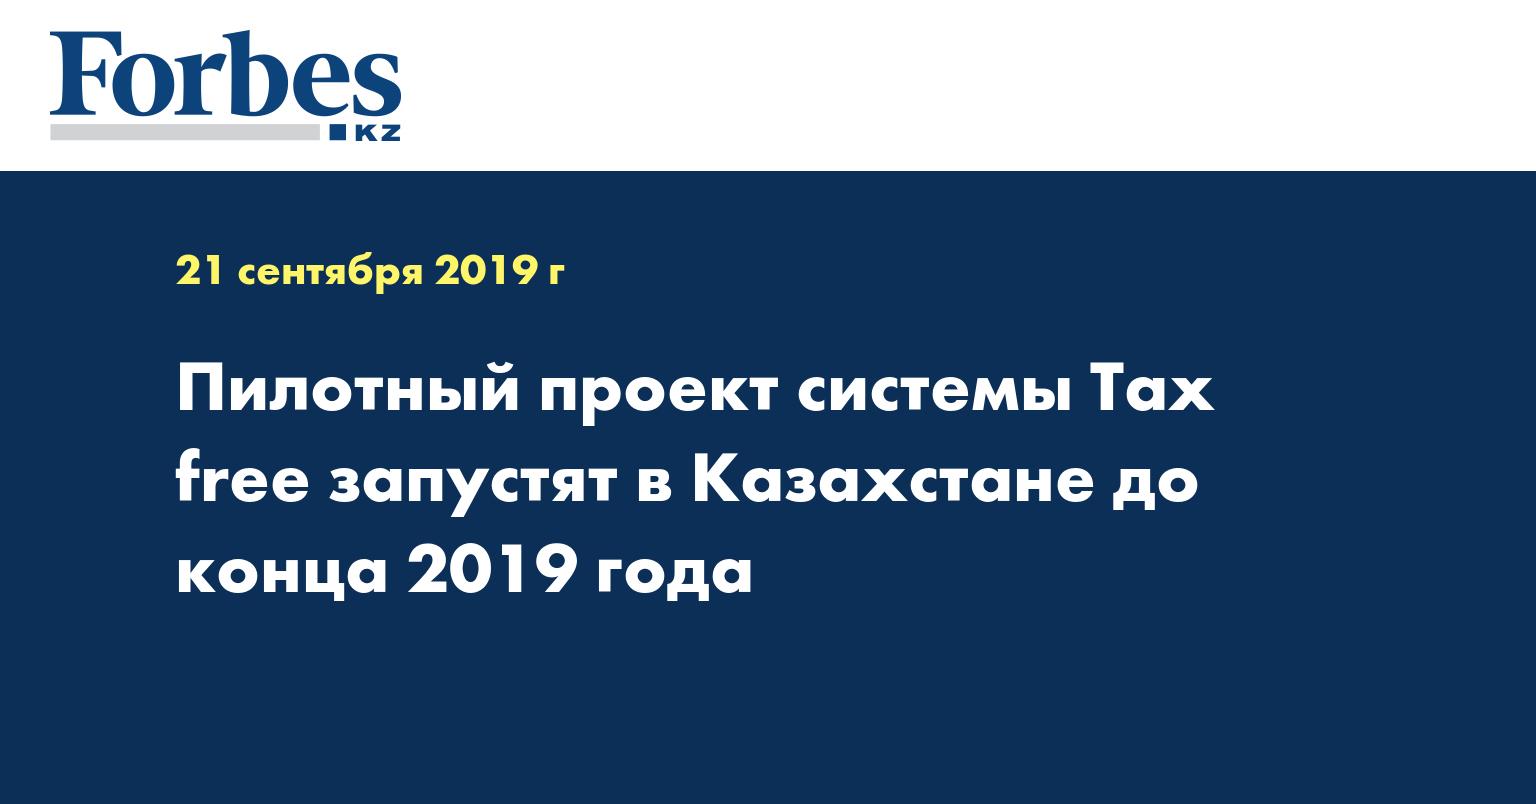 Пилотный проект системы Tax free запустят в Казахстане до конца 2019 года